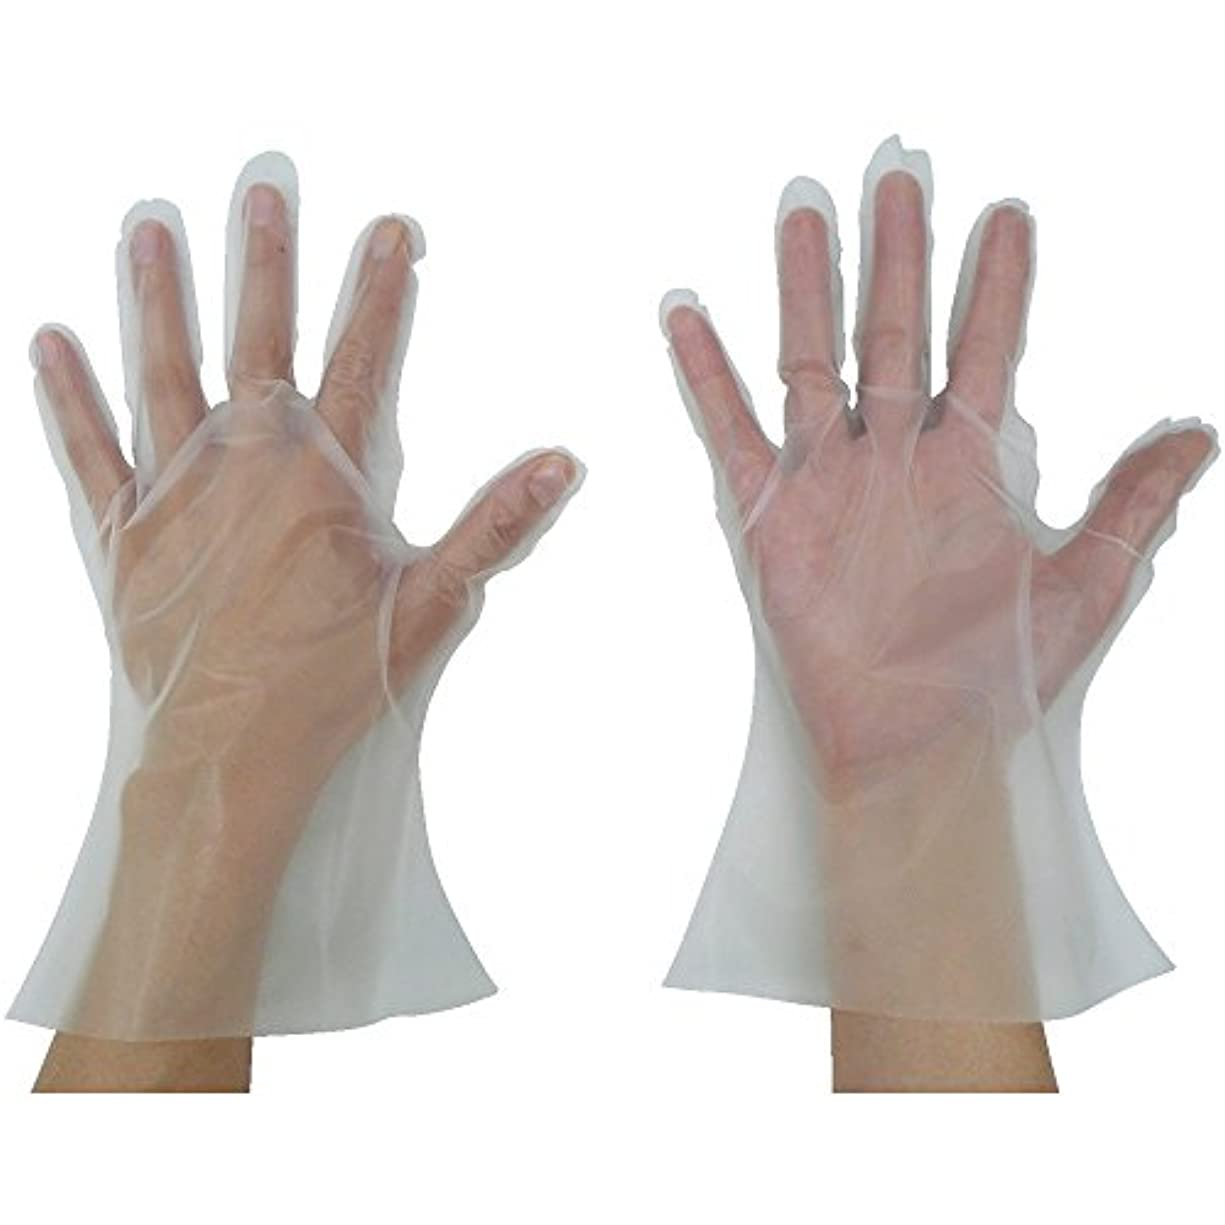 珍味ダイジェストメアリアンジョーンズ東京パック 緊急災害対策用手袋ニュ?マイジャスト簡易50S 半透明 KN-S ポリエチレン使い捨て手袋